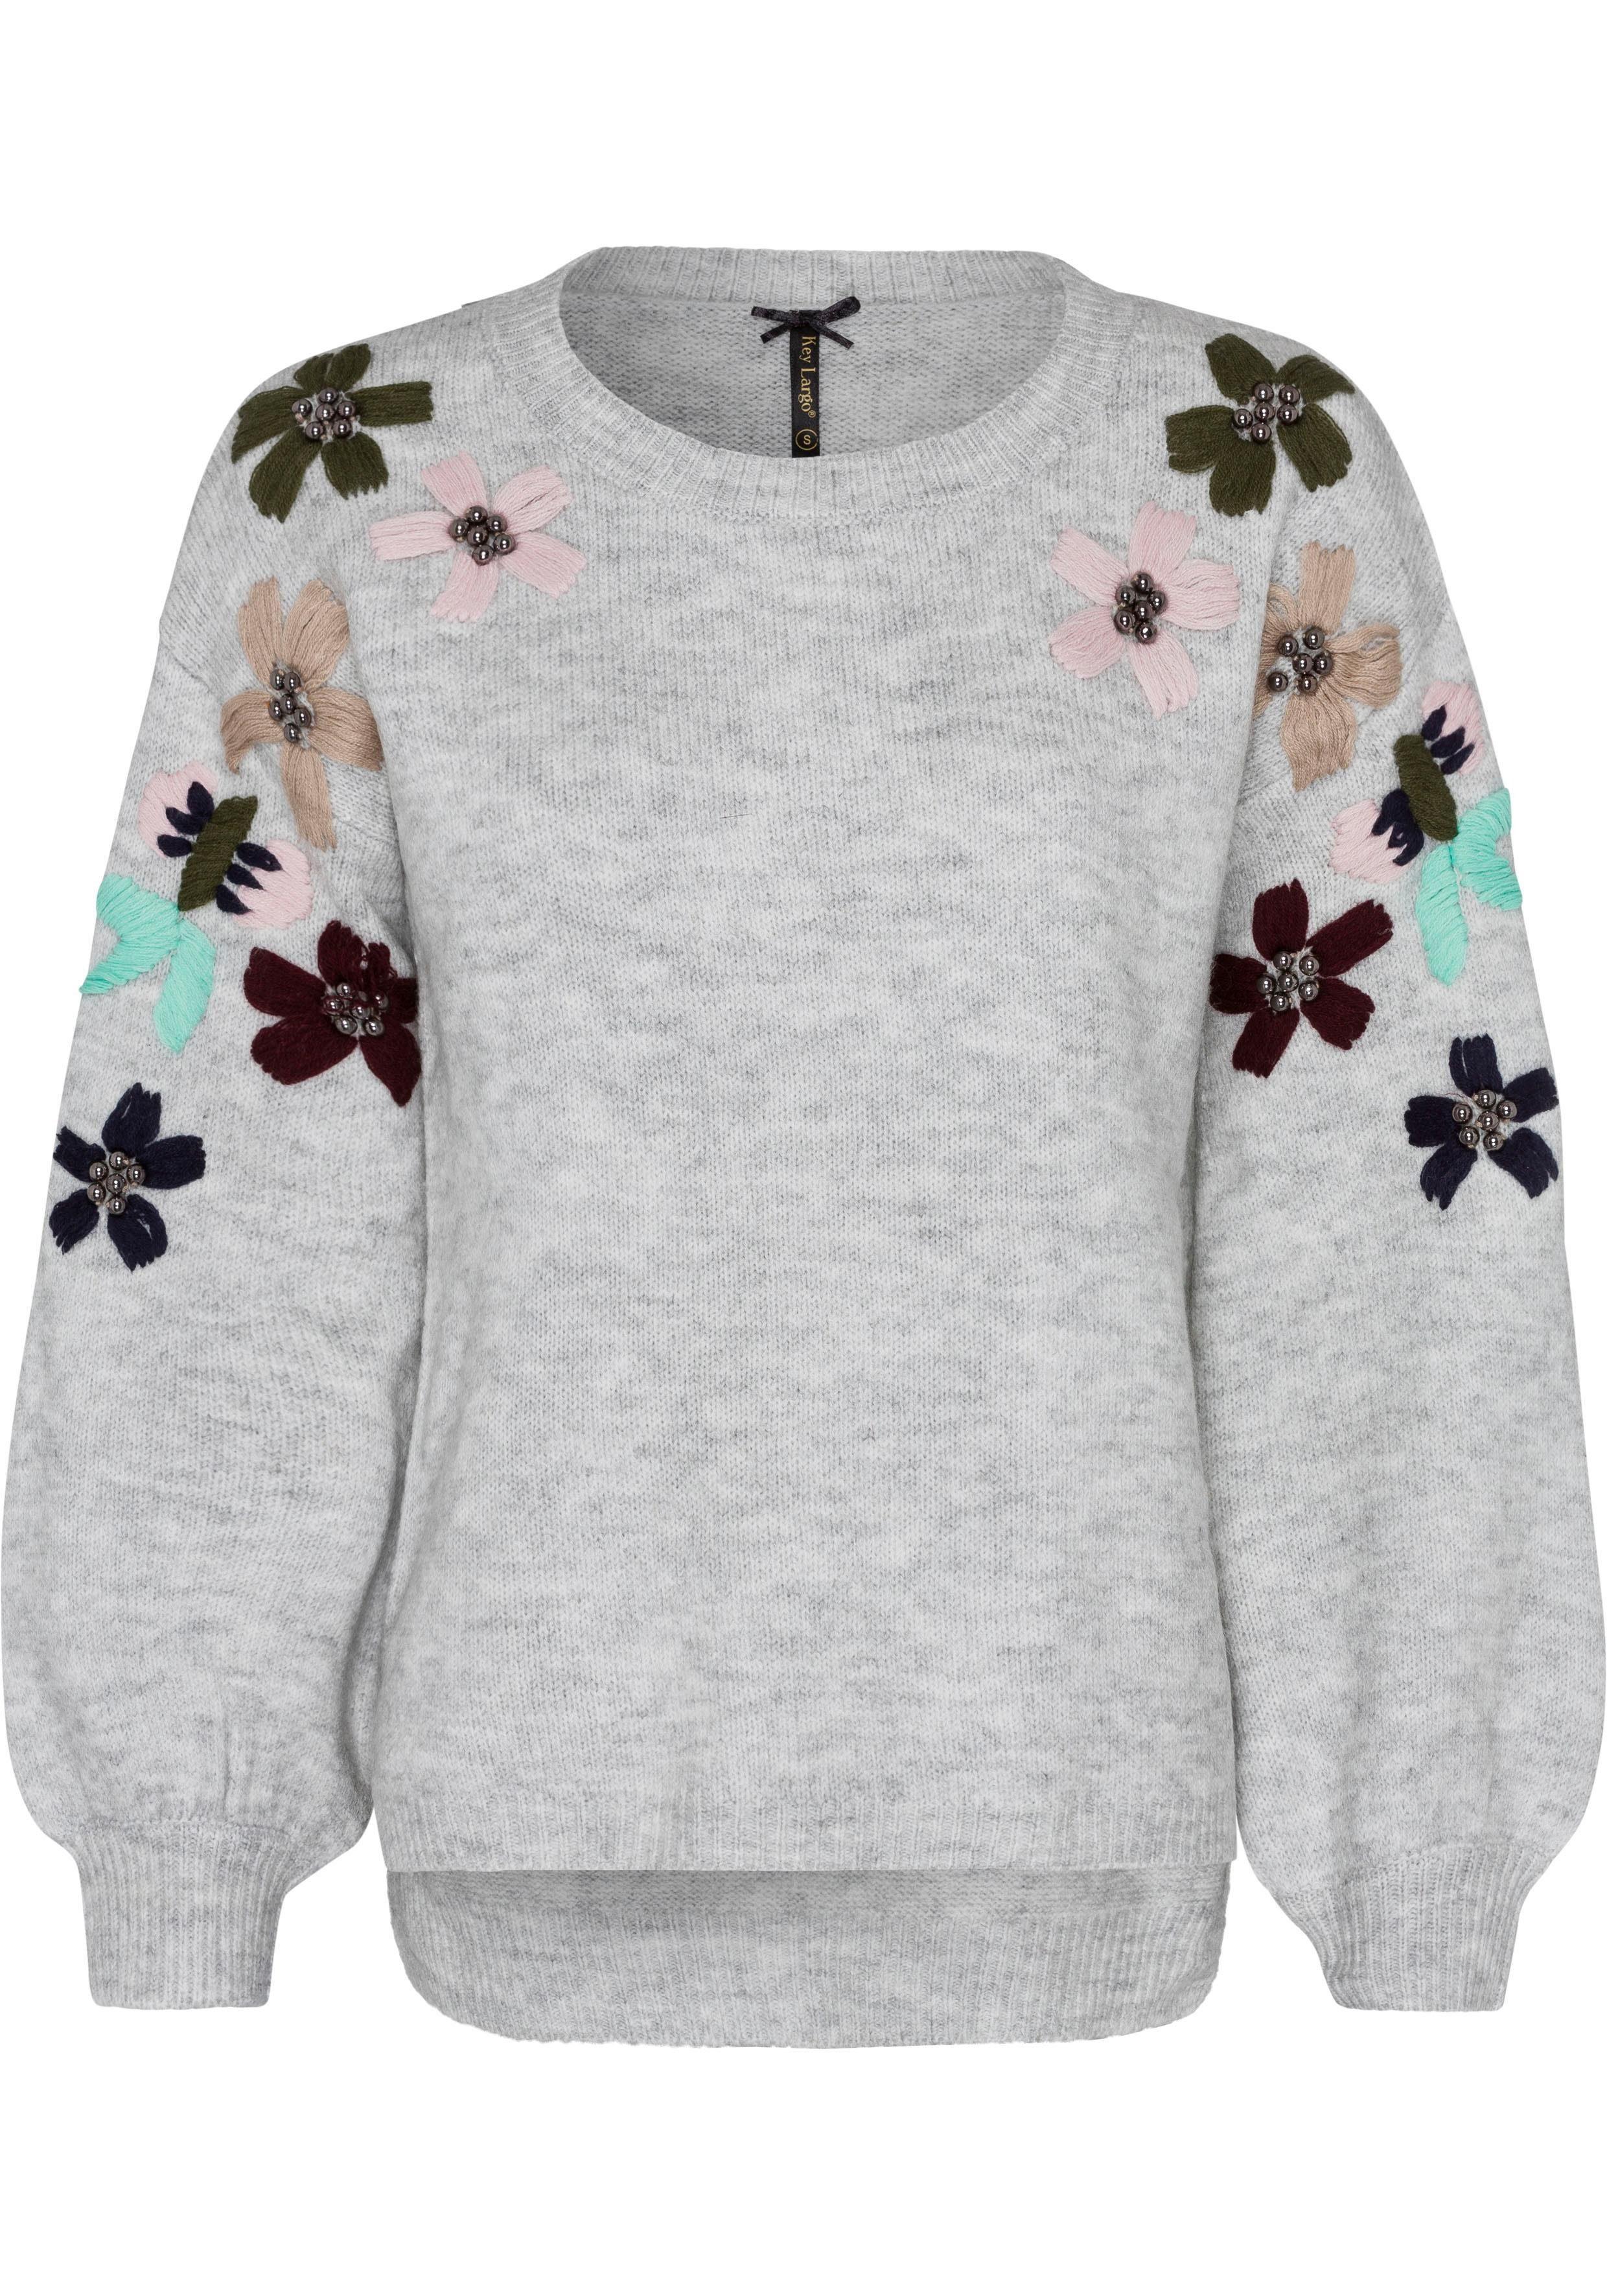 Key Largo Strickpullover »Bloom« mit Zierperlen und Stickereien